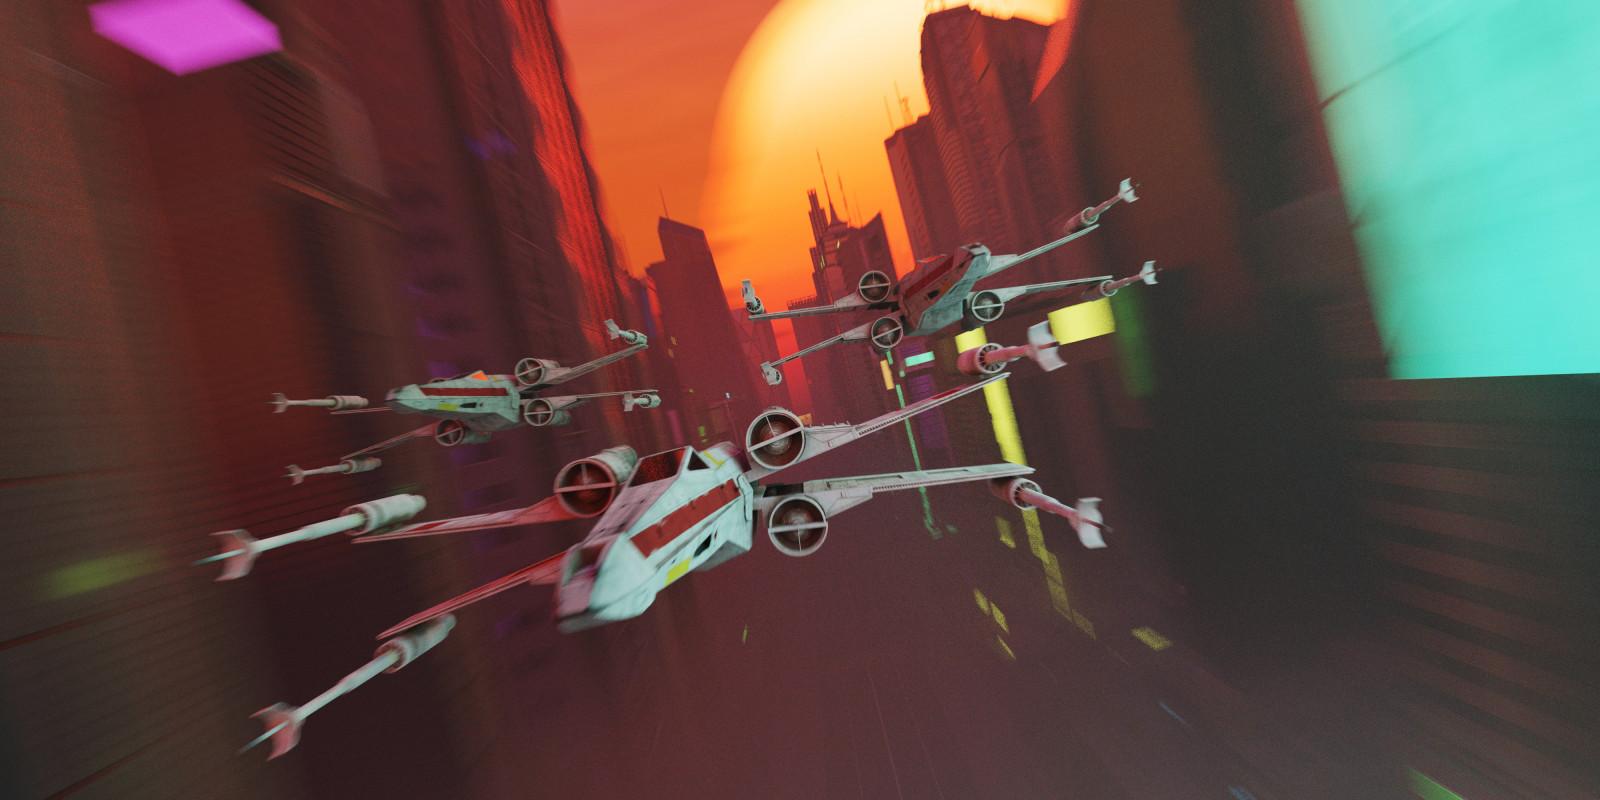 Future Air Show